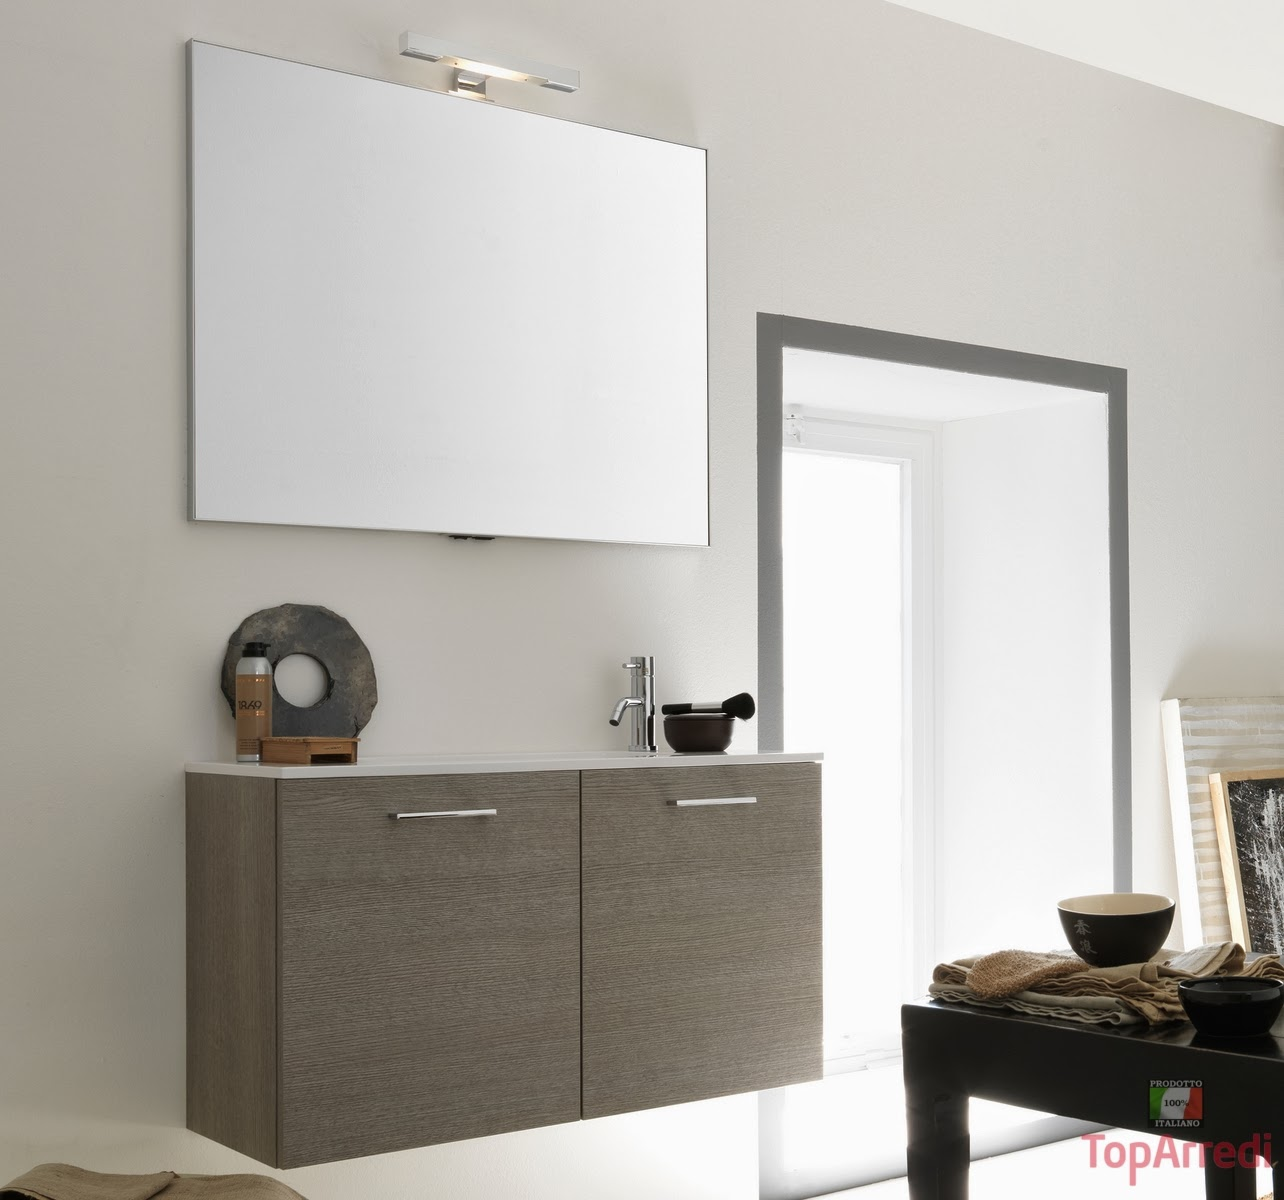 Arredare con classe arredo bagno online for Arredo bagno moderno sospeso